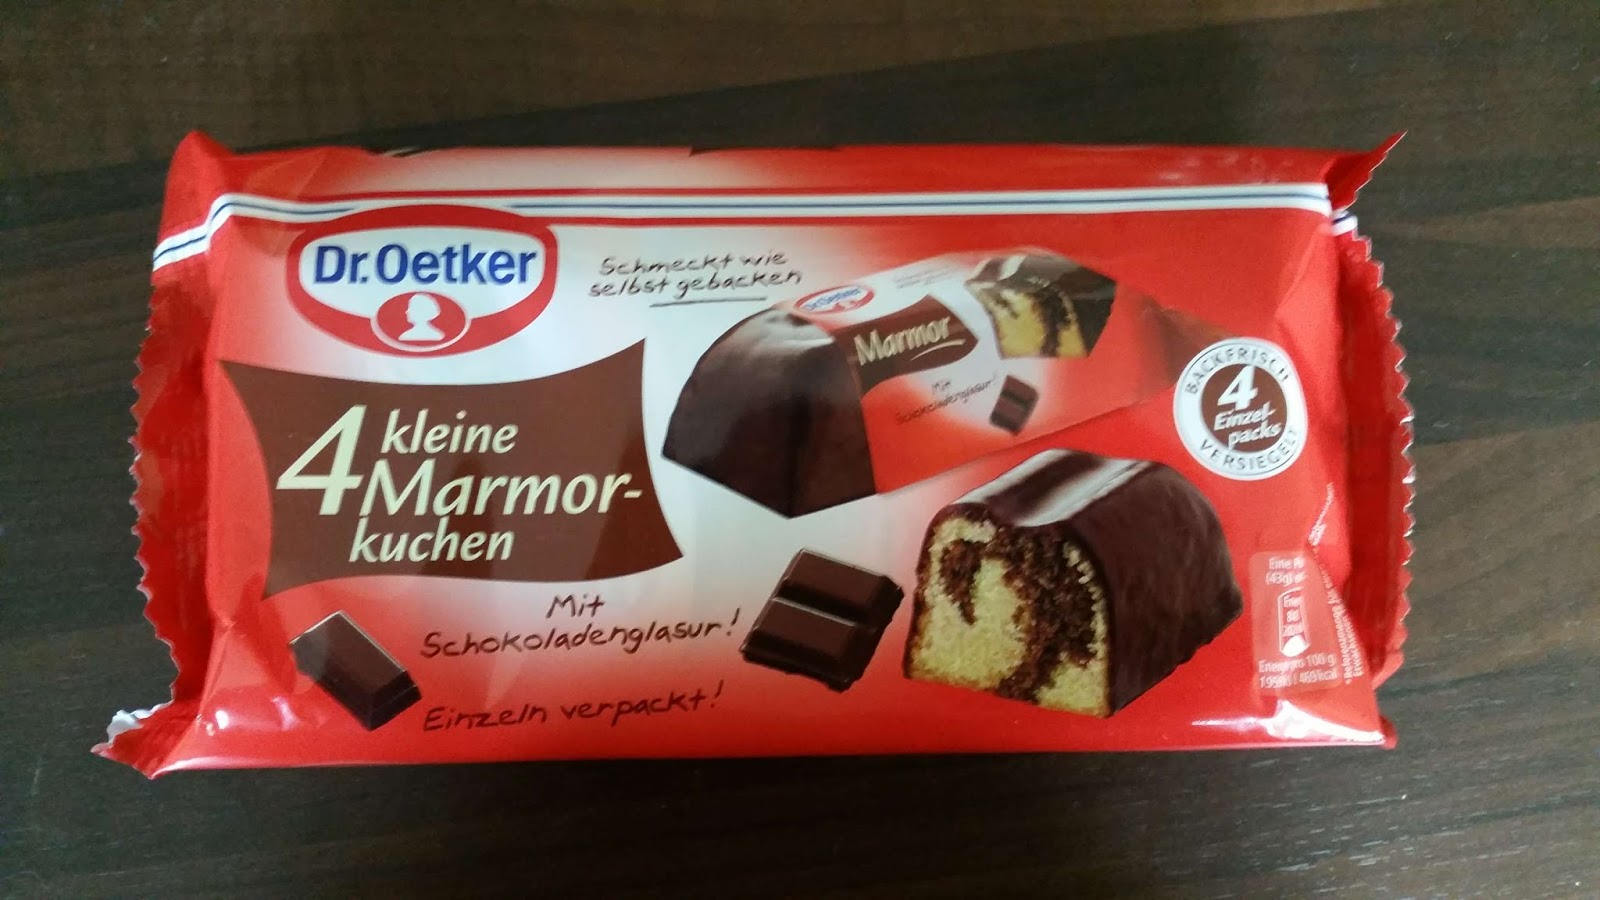 Dr Oetker 4 Kleine Marmorkuchen Suffis Welt